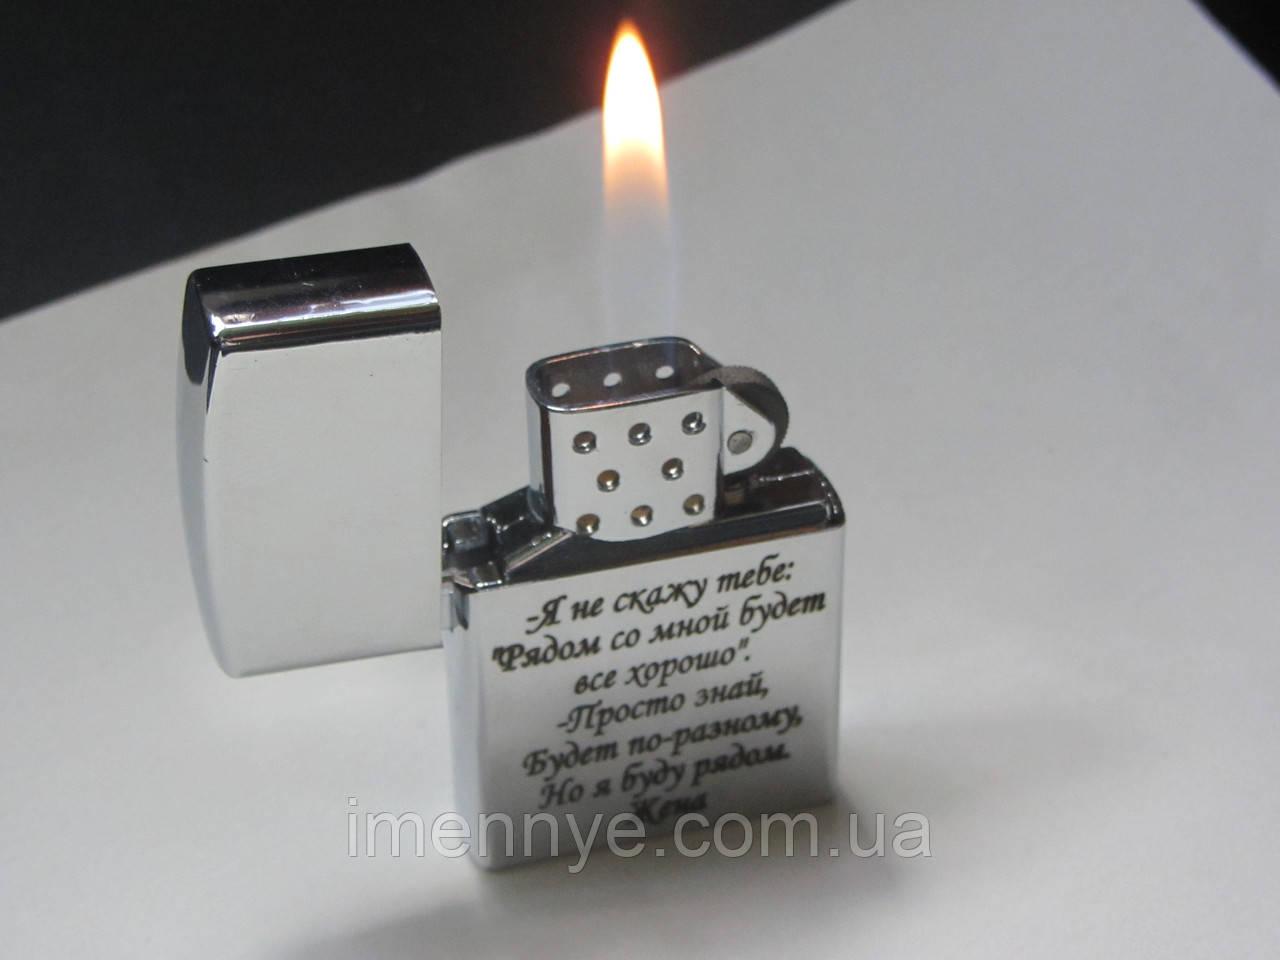 92 Подарки для мужчин на день рождения зажигалки